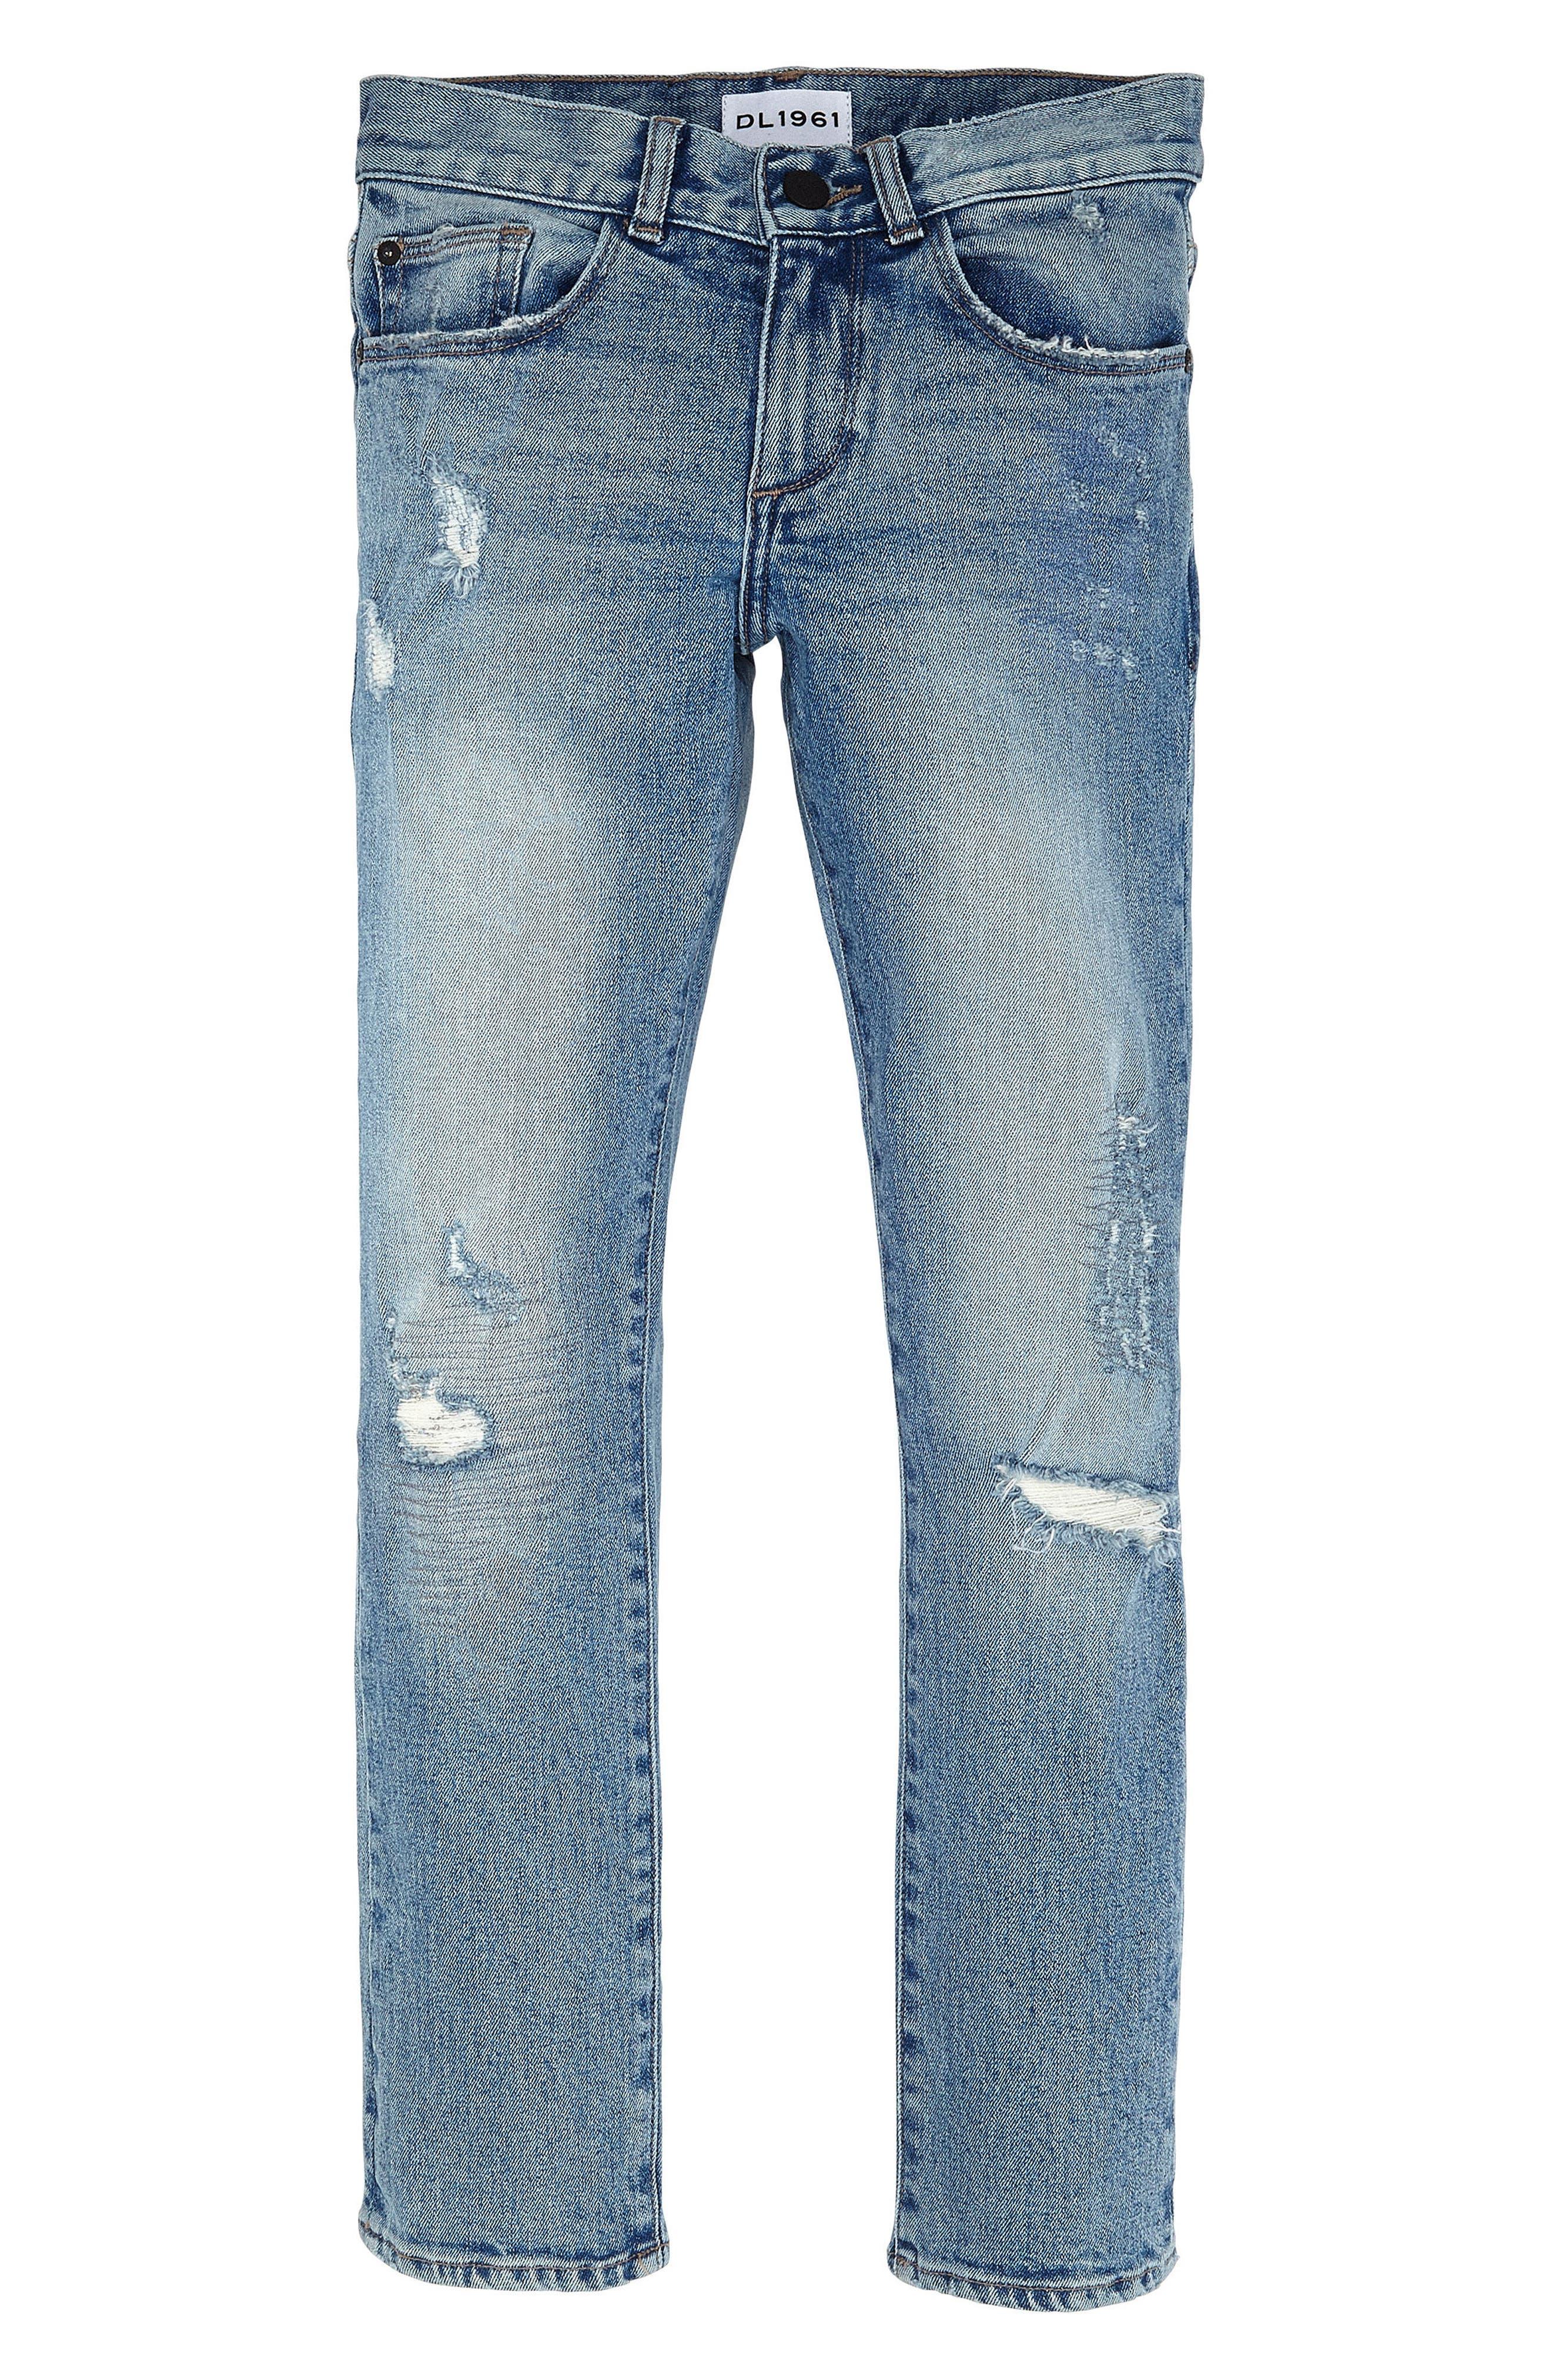 DL1961 Hawke Skinny Fit Rip and Repair Jeans (Big Boys)